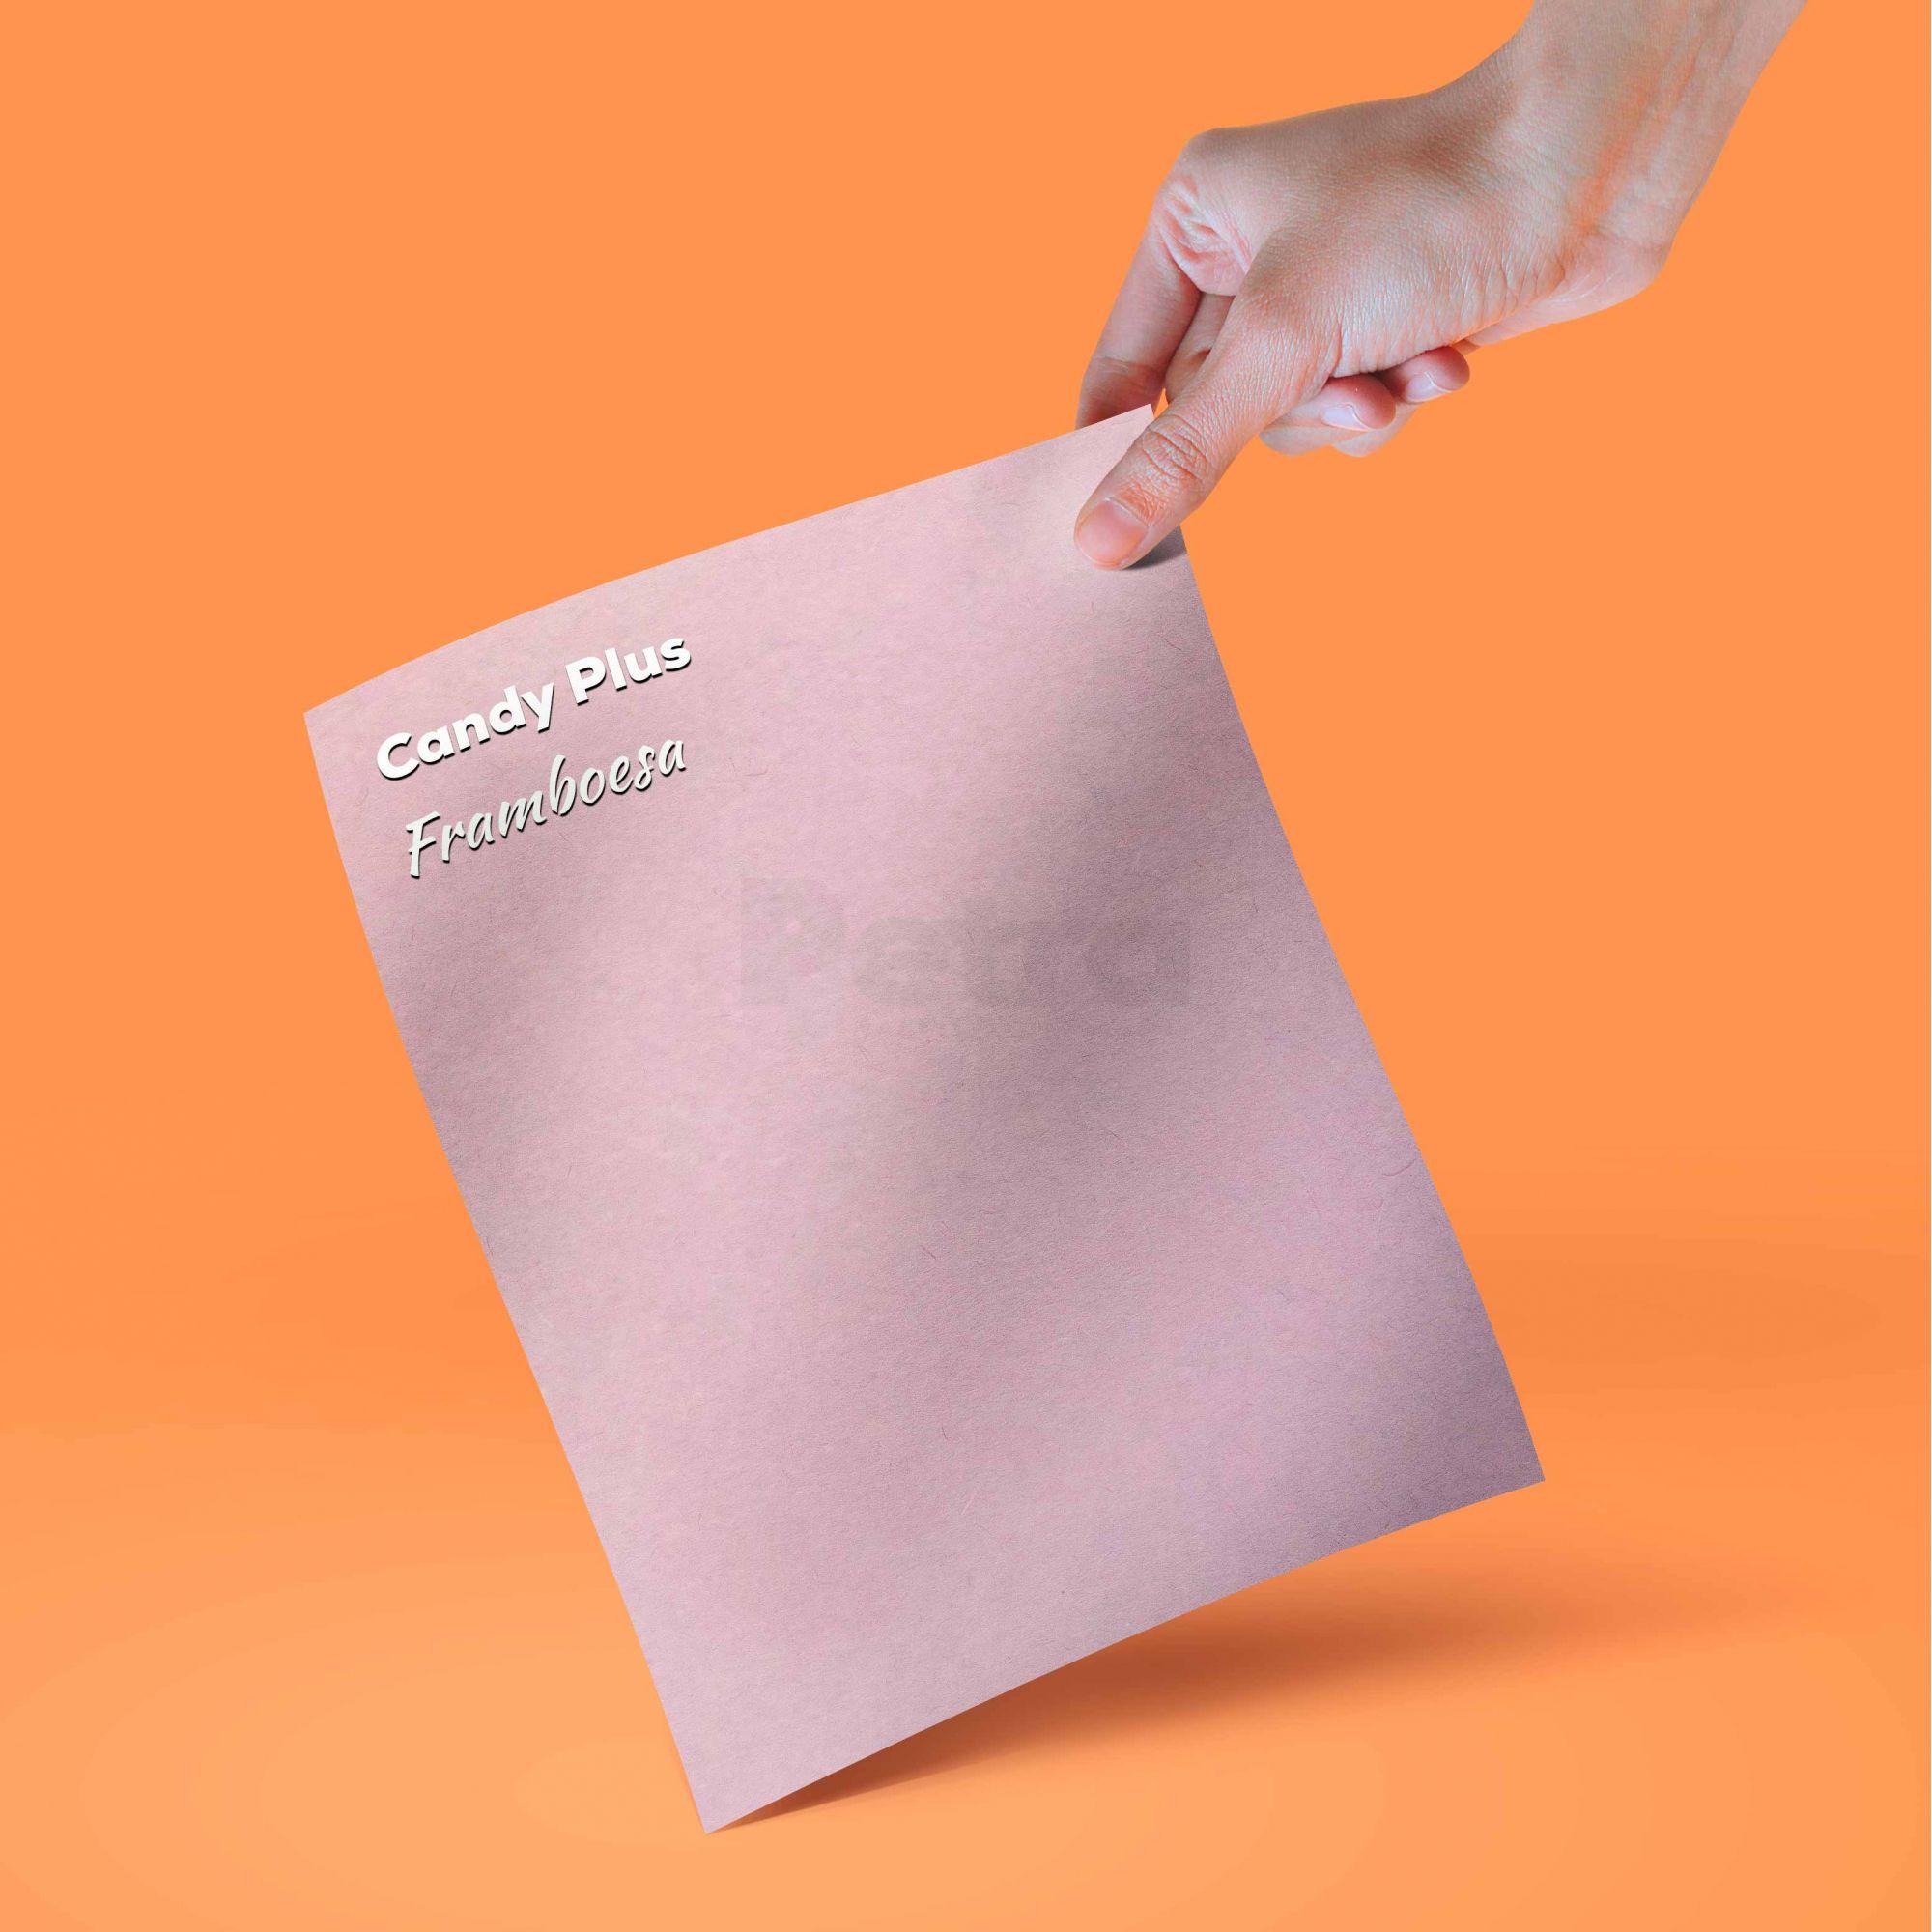 Candy Plus - Framboesa - Lilas  - Tam. 30,5x30,5cm - 180g/m² - 20 folhas